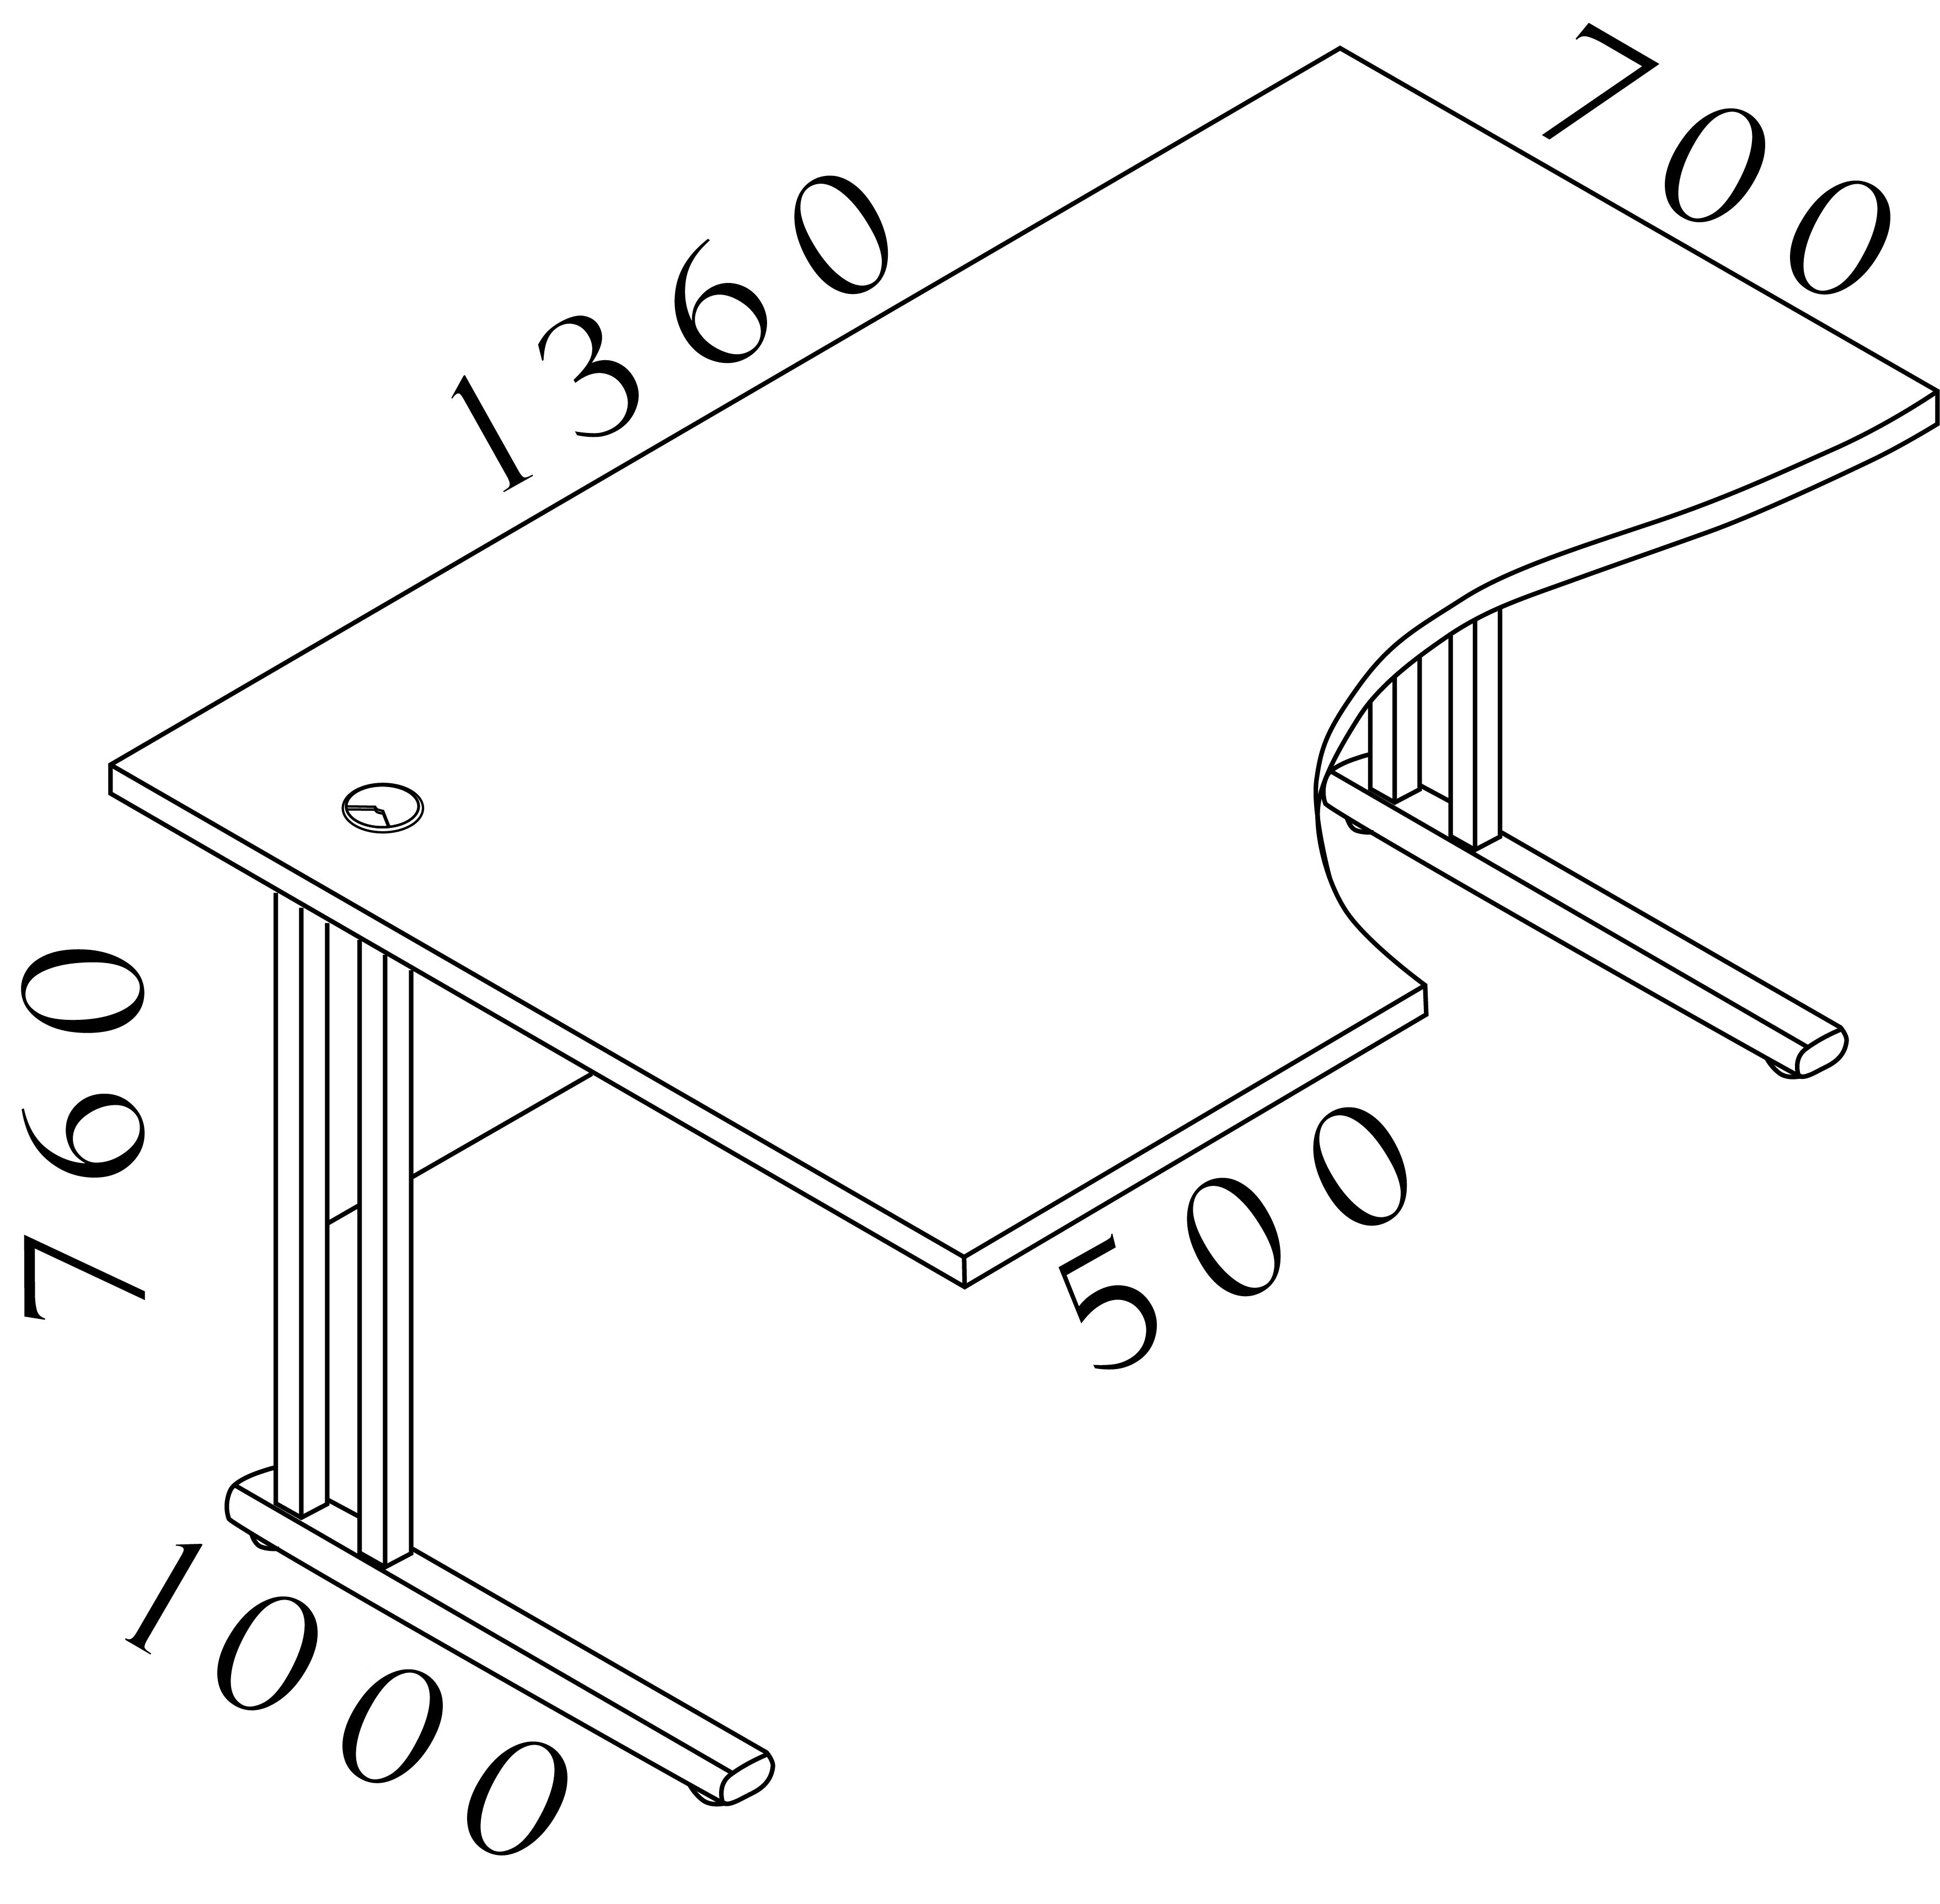 BPR19 07